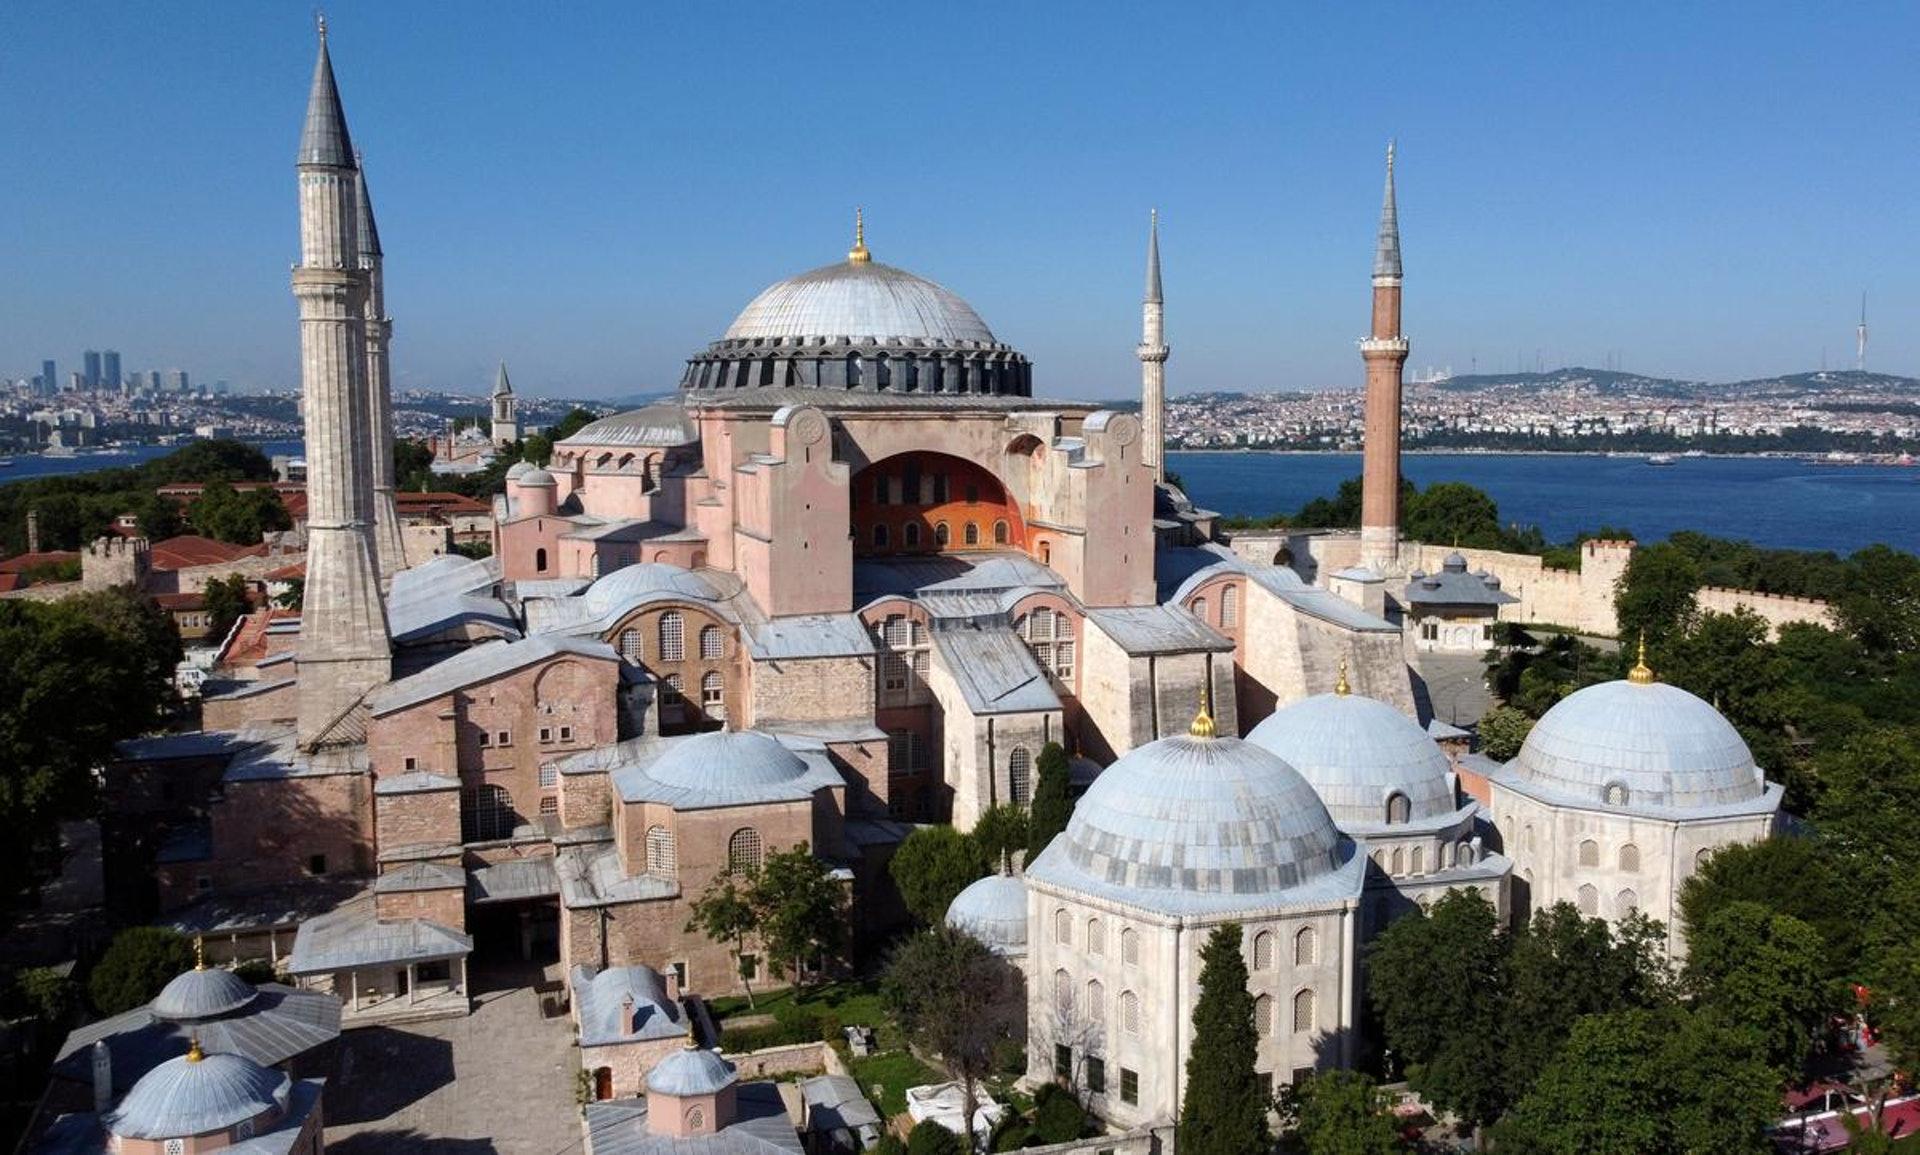 2020年7月10日,土耳其最高行政法院宣布废除1934年的内阁法令,终结了圣索非亚(Hagia Sophia)86年的博物馆岁月。土耳其总统埃尔多安(Recep Tayyip Erdoğan)随后也签发总统令,恢复了圣索非亚过往长达482年的清真寺地位。(Reuters)